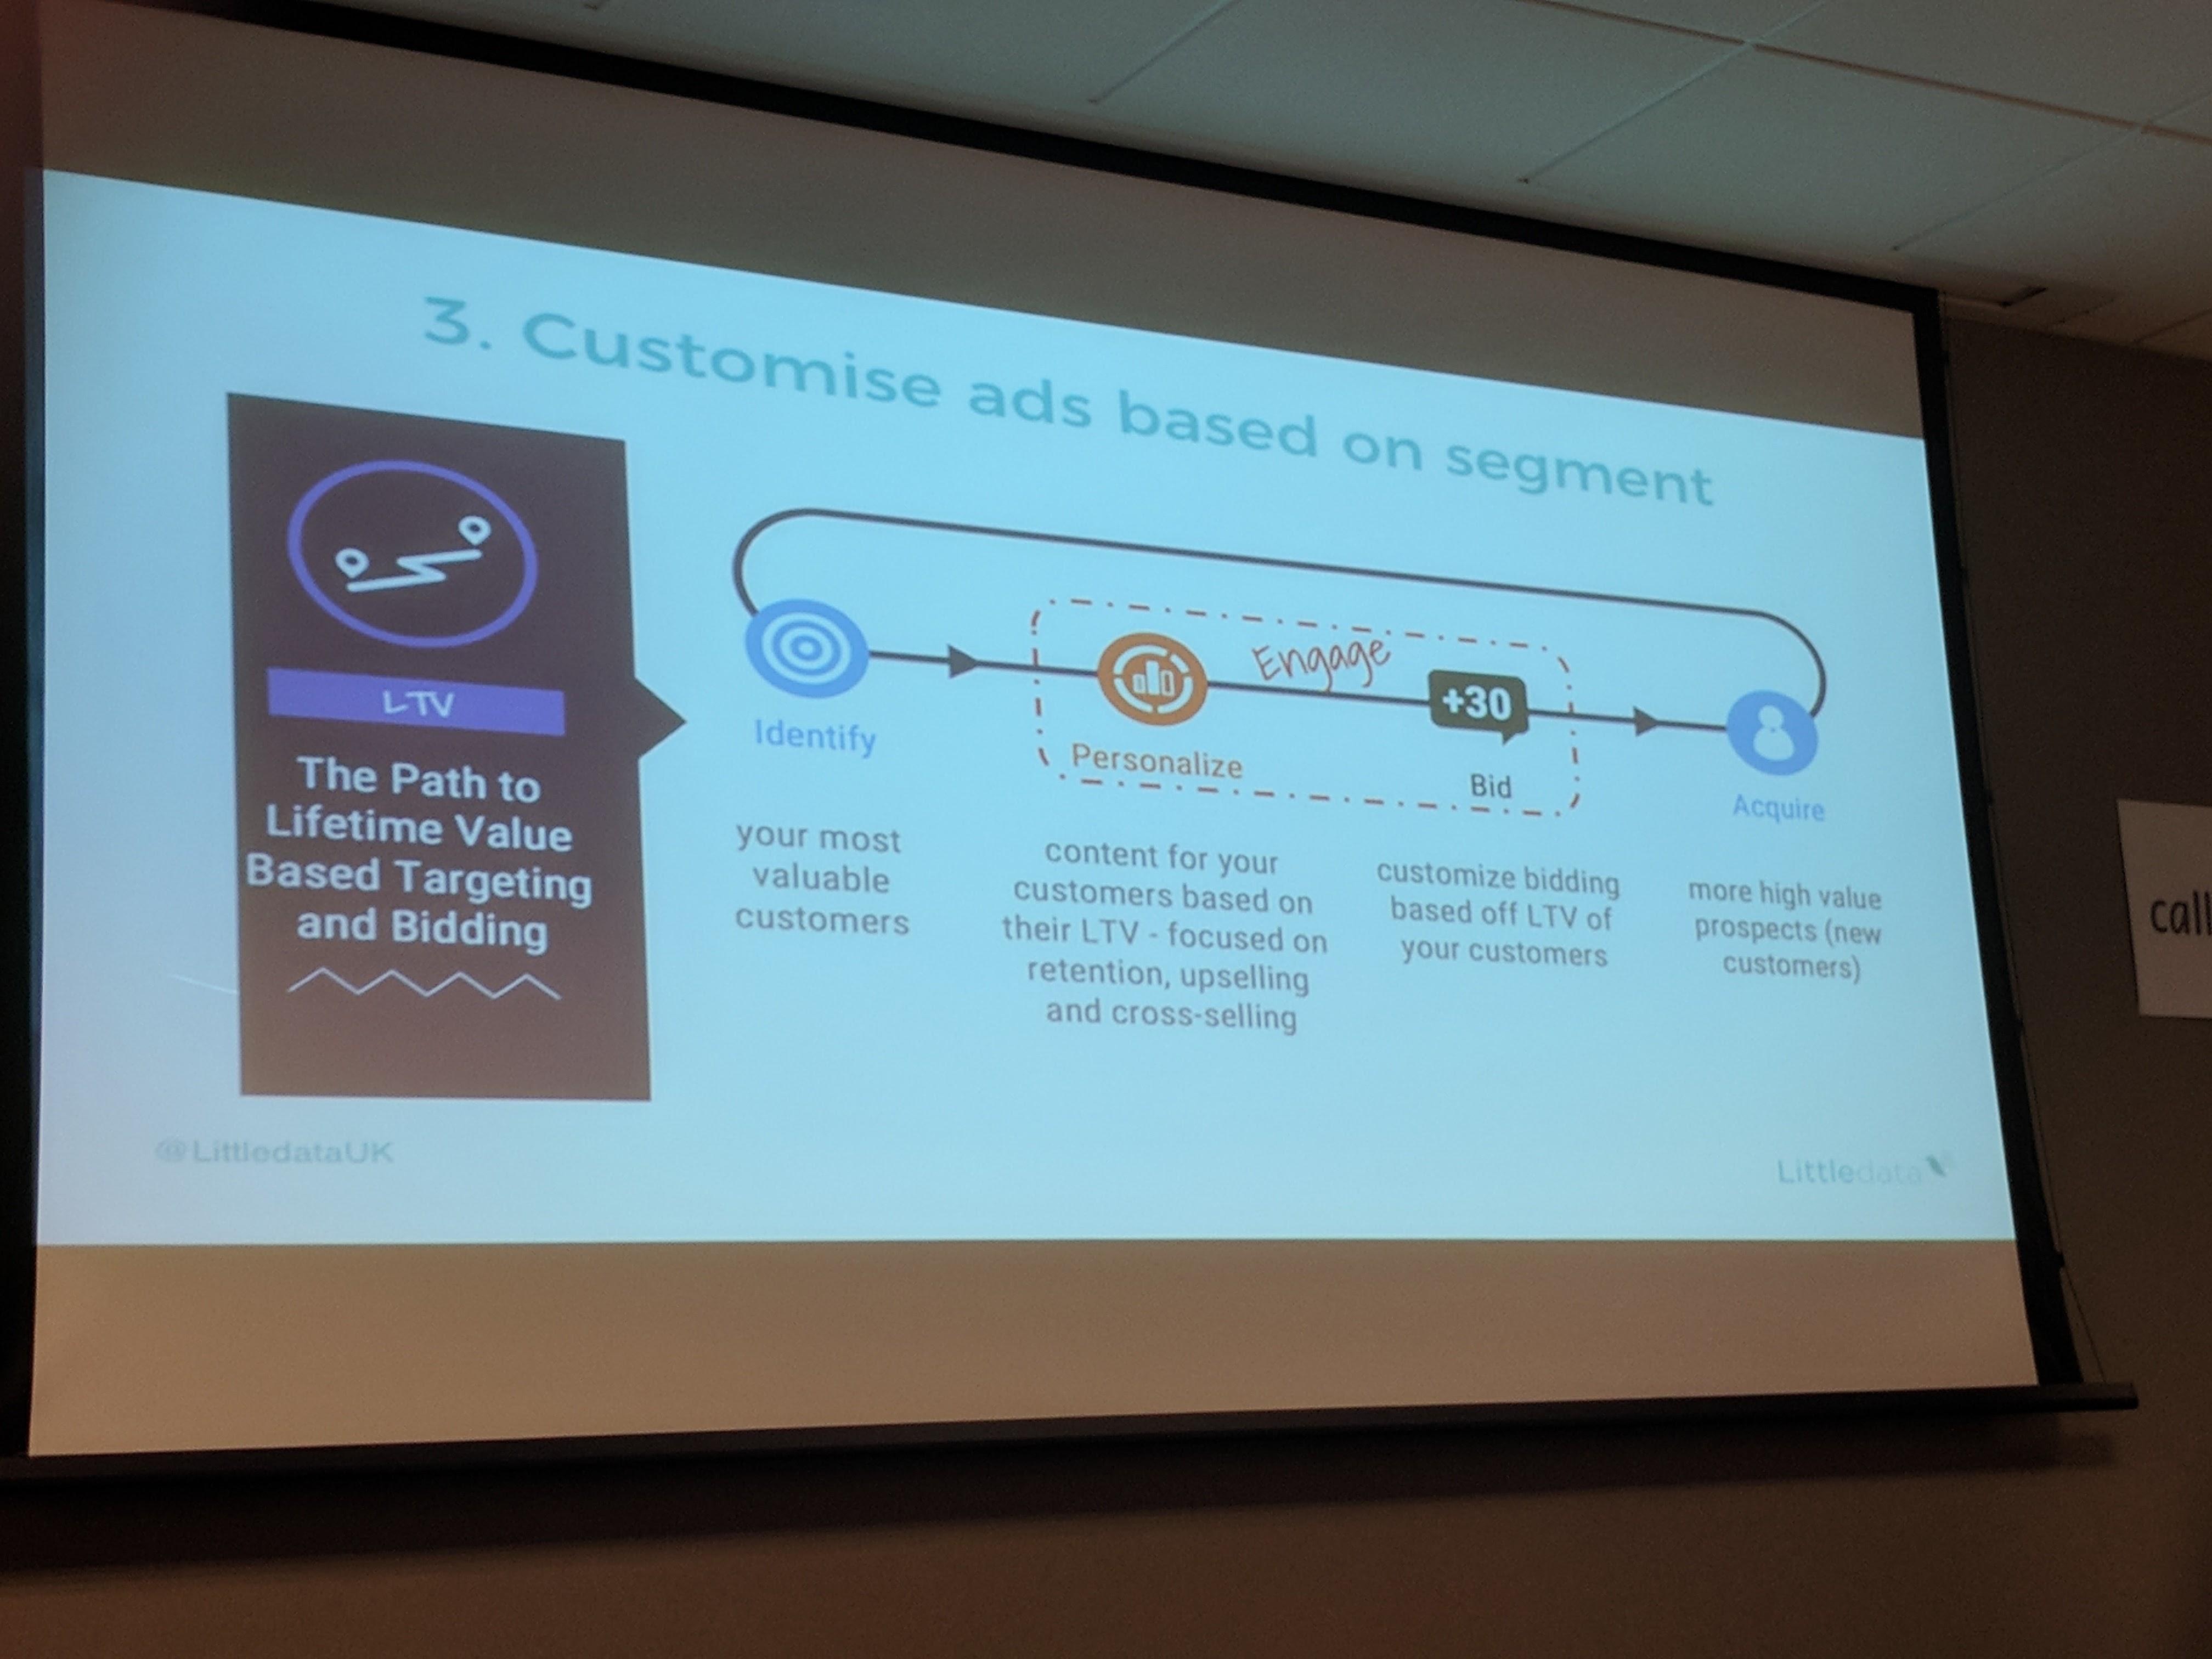 Customise ads based on segment